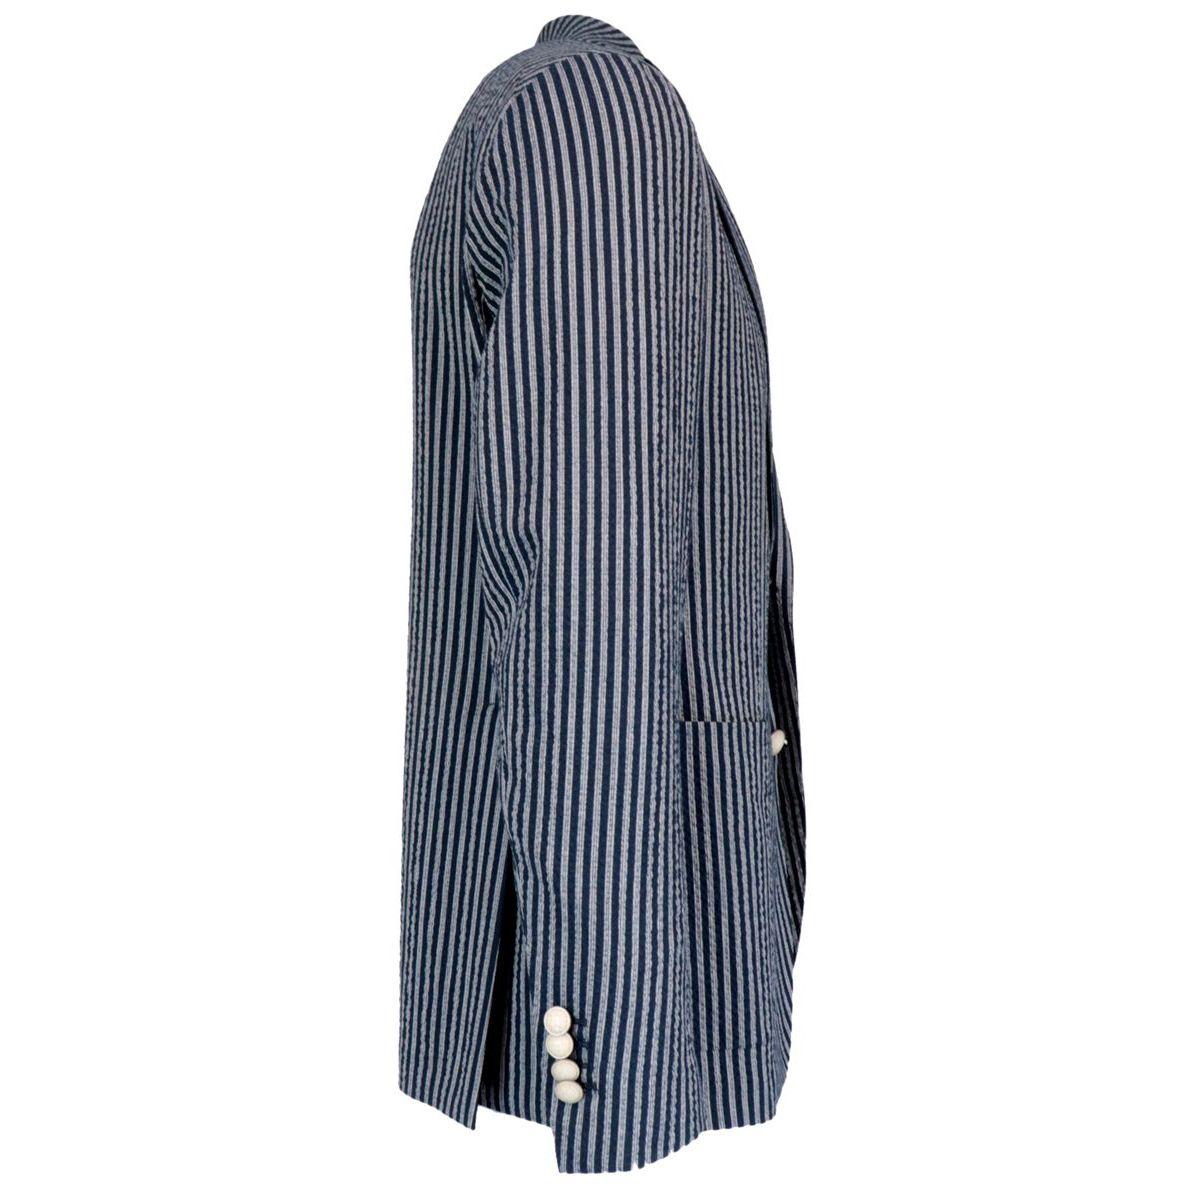 Two-button seersucker jacket Blue Tagliatore